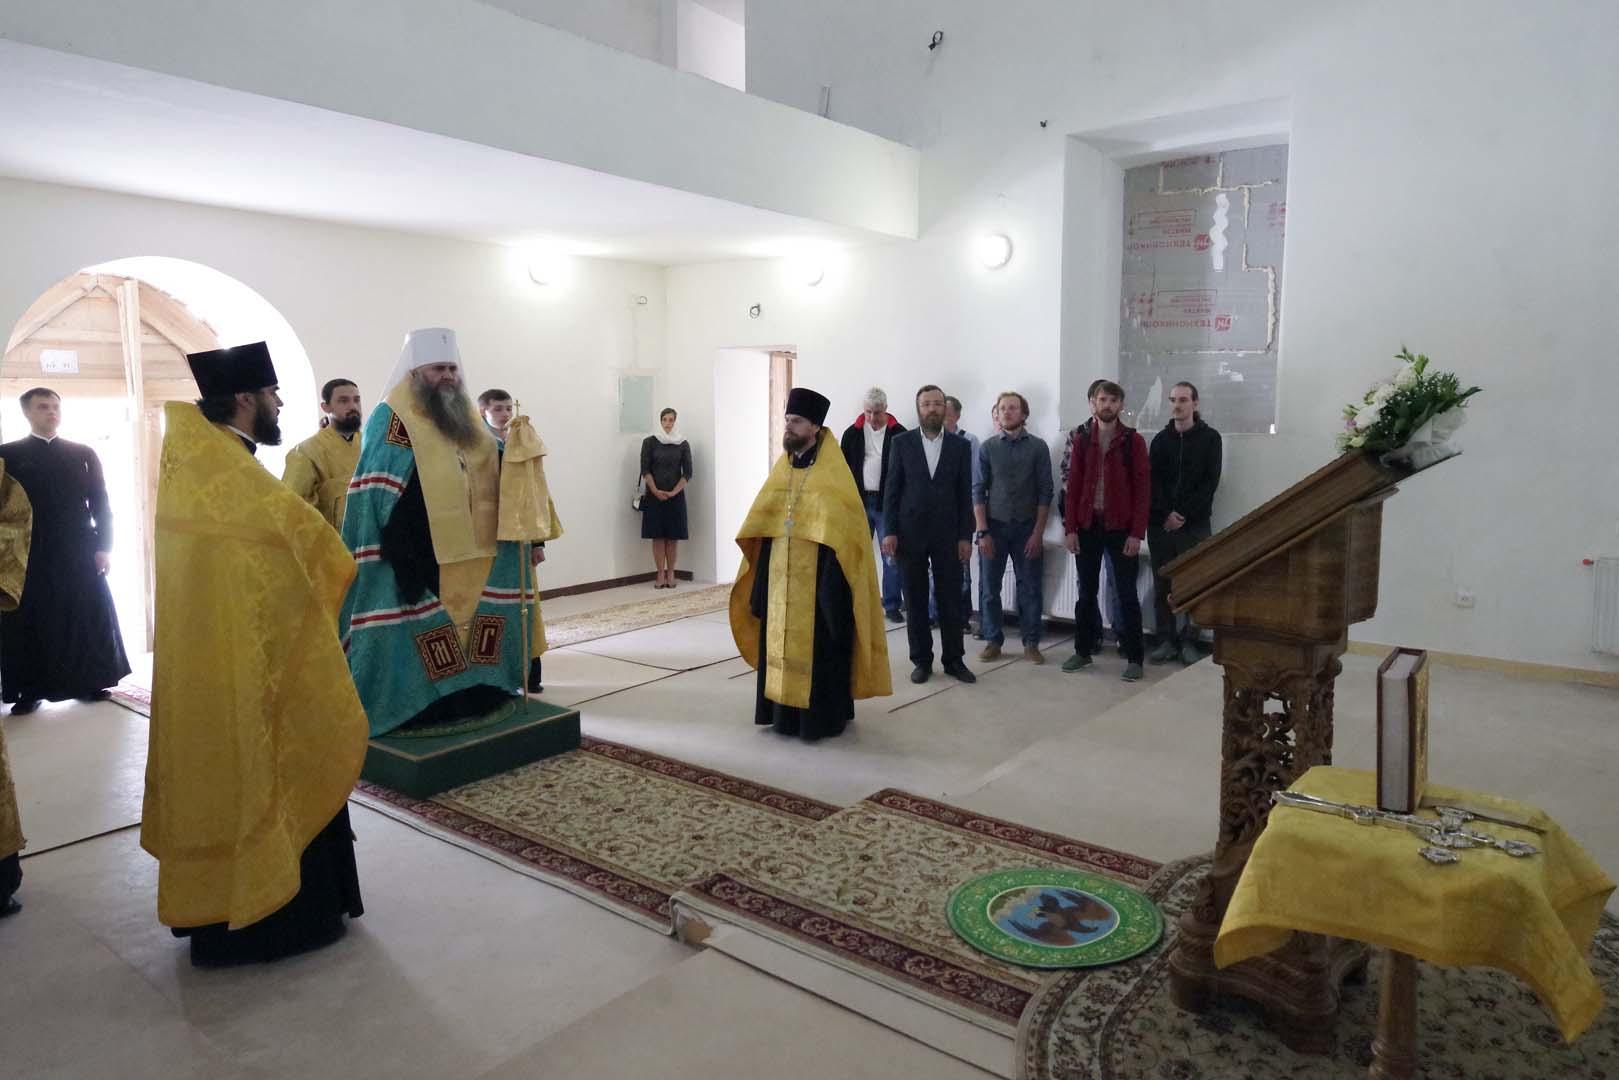 В храме в честь святителя Николая Чудотворца на территории Нижегородского кремля начнутся работы по росписи